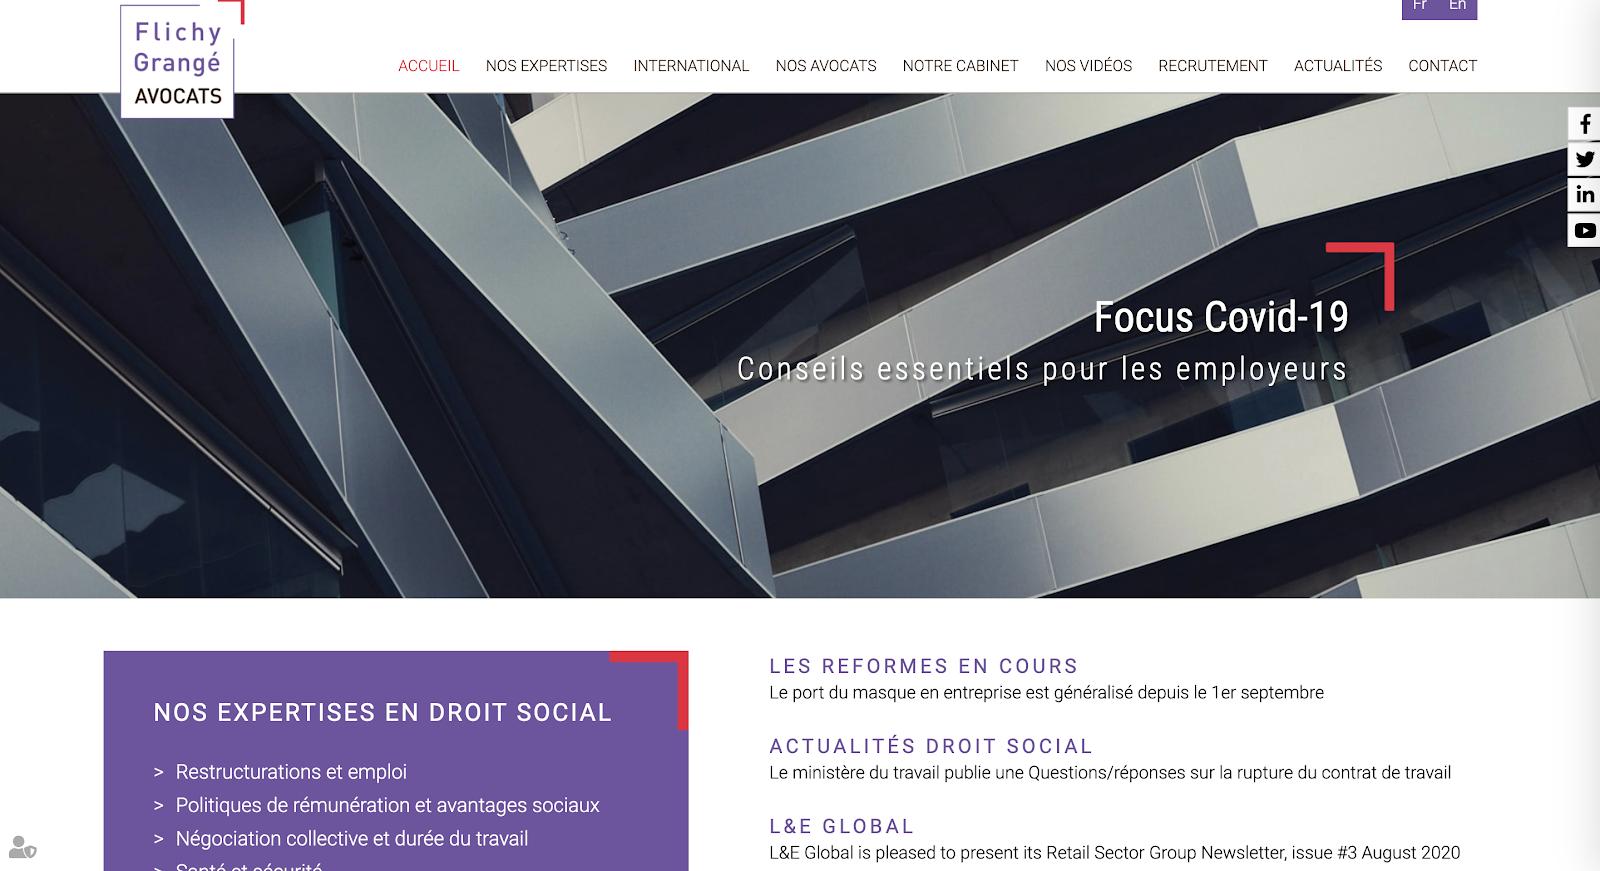 site du cabinet Flichy Grangé